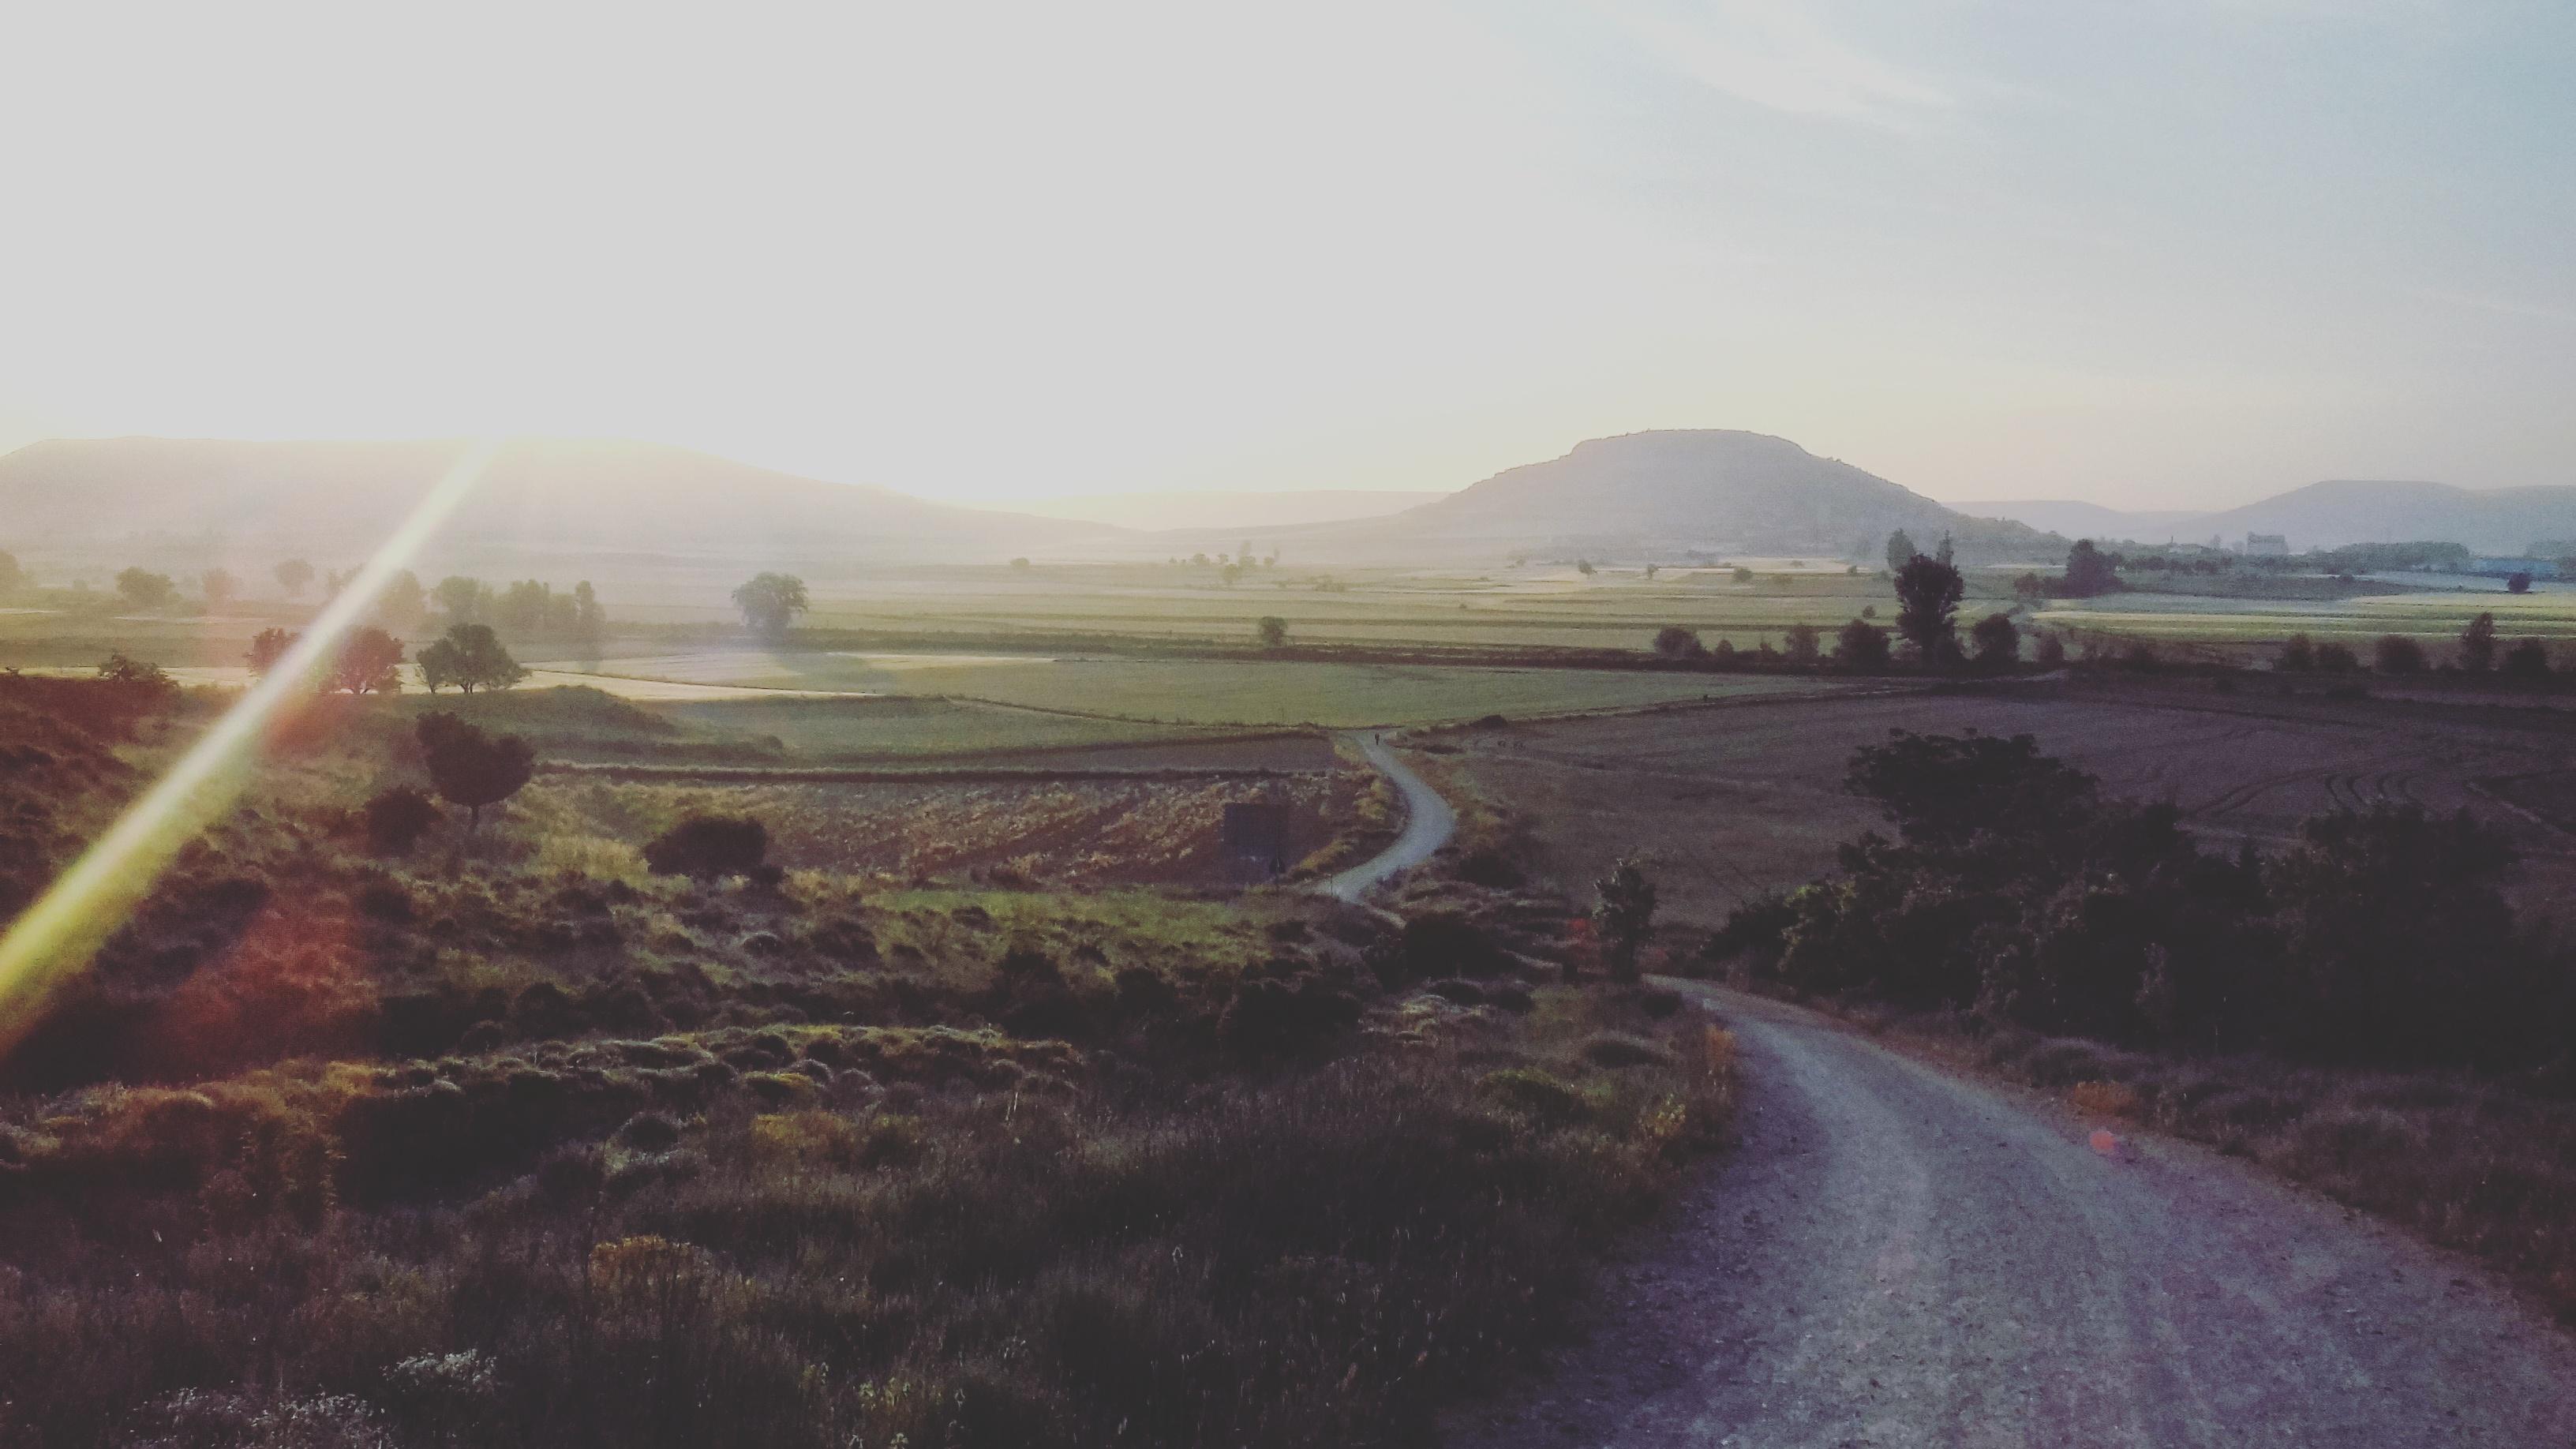 camino-de-santiago-camino-frances-castilla-paisaje-sonsoles-lozano-7